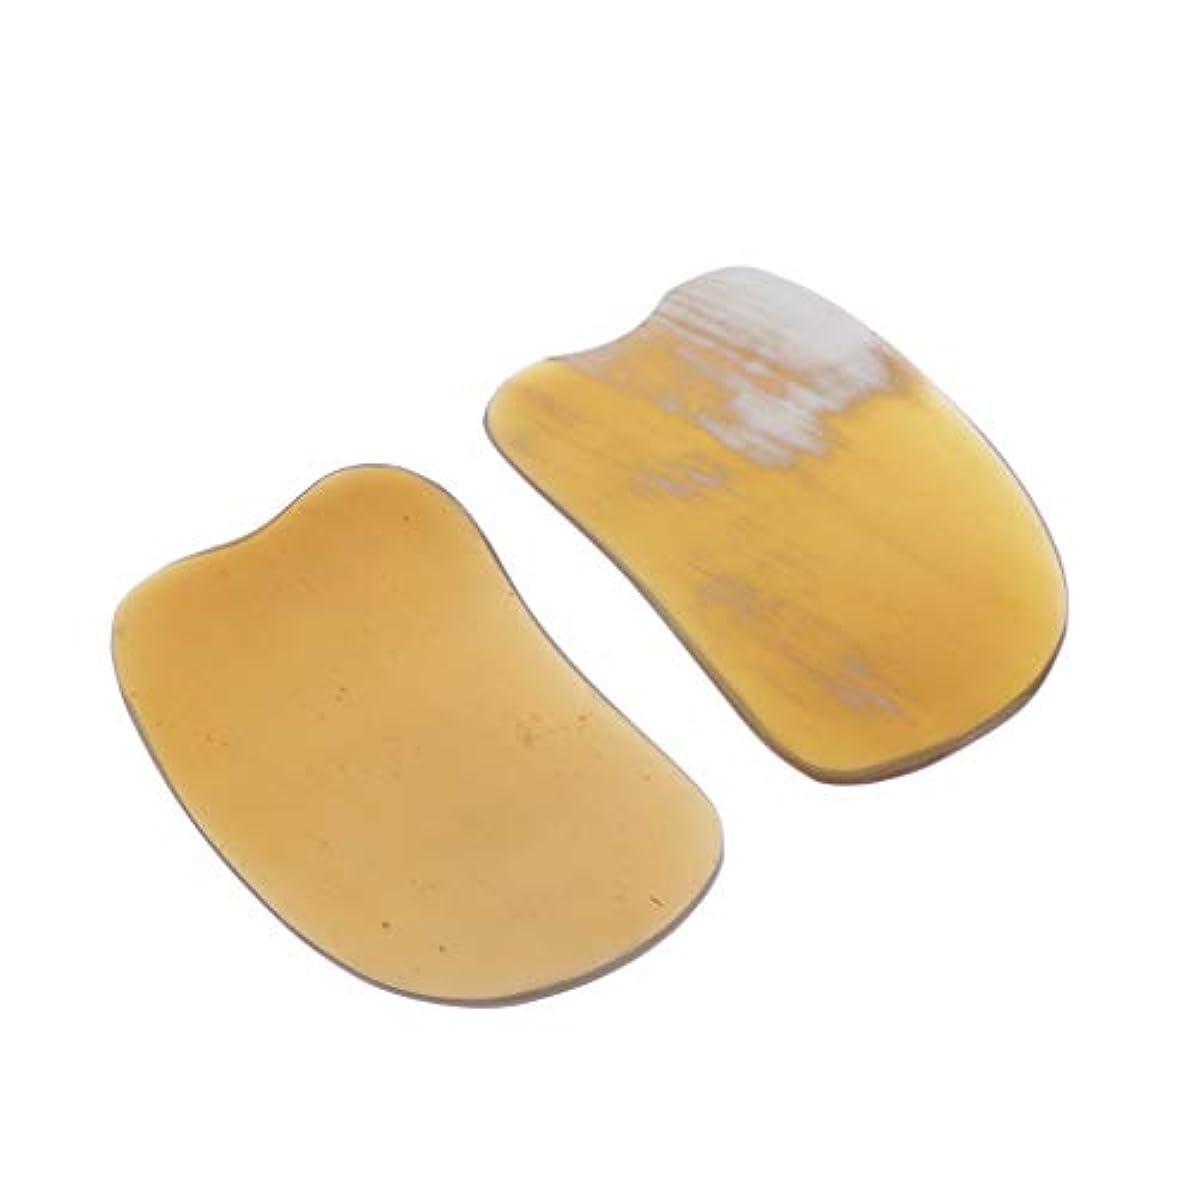 権限を与える逆欠陥ナチュラル ボディフェイシャルグアシャ 削り盤ハンドヘルドスパ マッサージツール 全4サイズ - 02